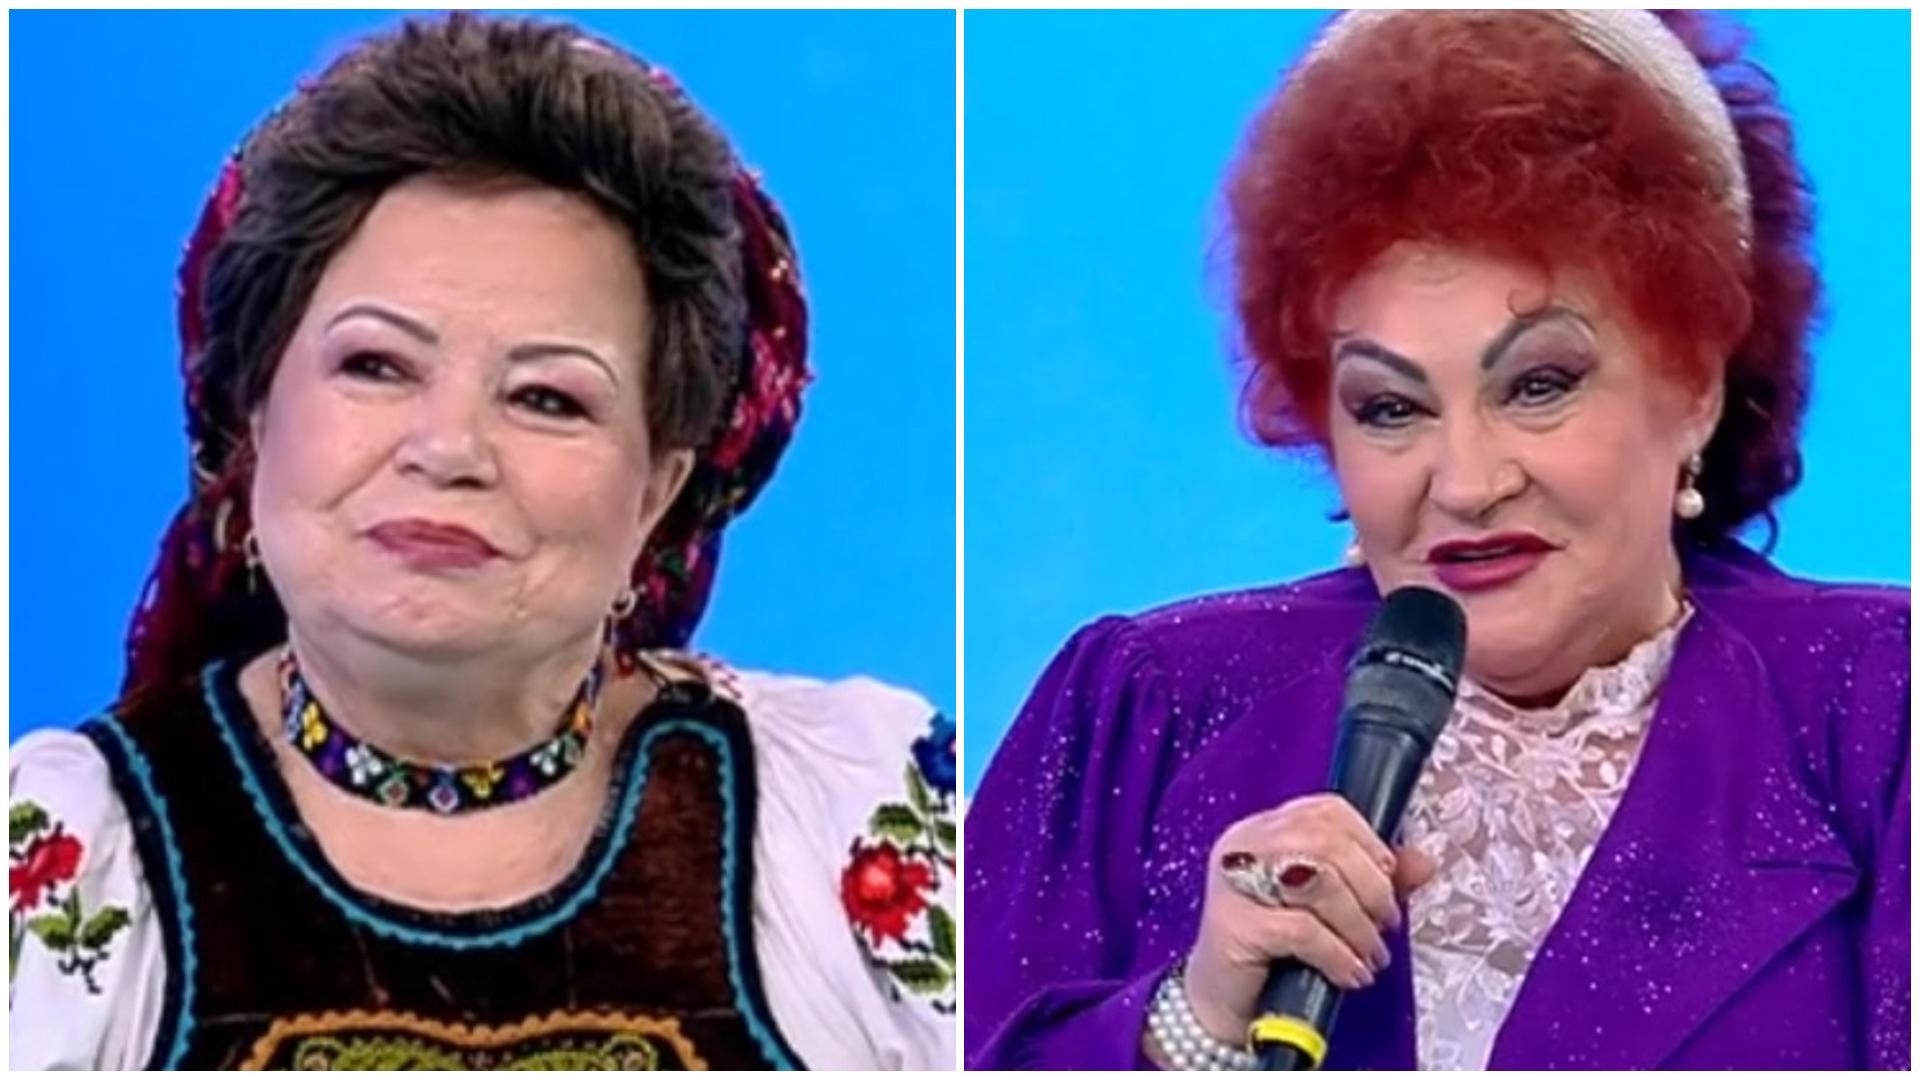 Ce s-a întâmplat cu Elena Merișoreanu și Saveta Bogdan, după ce și-au aruncat vorbe. Răsturnare de situație în lumea folclorului